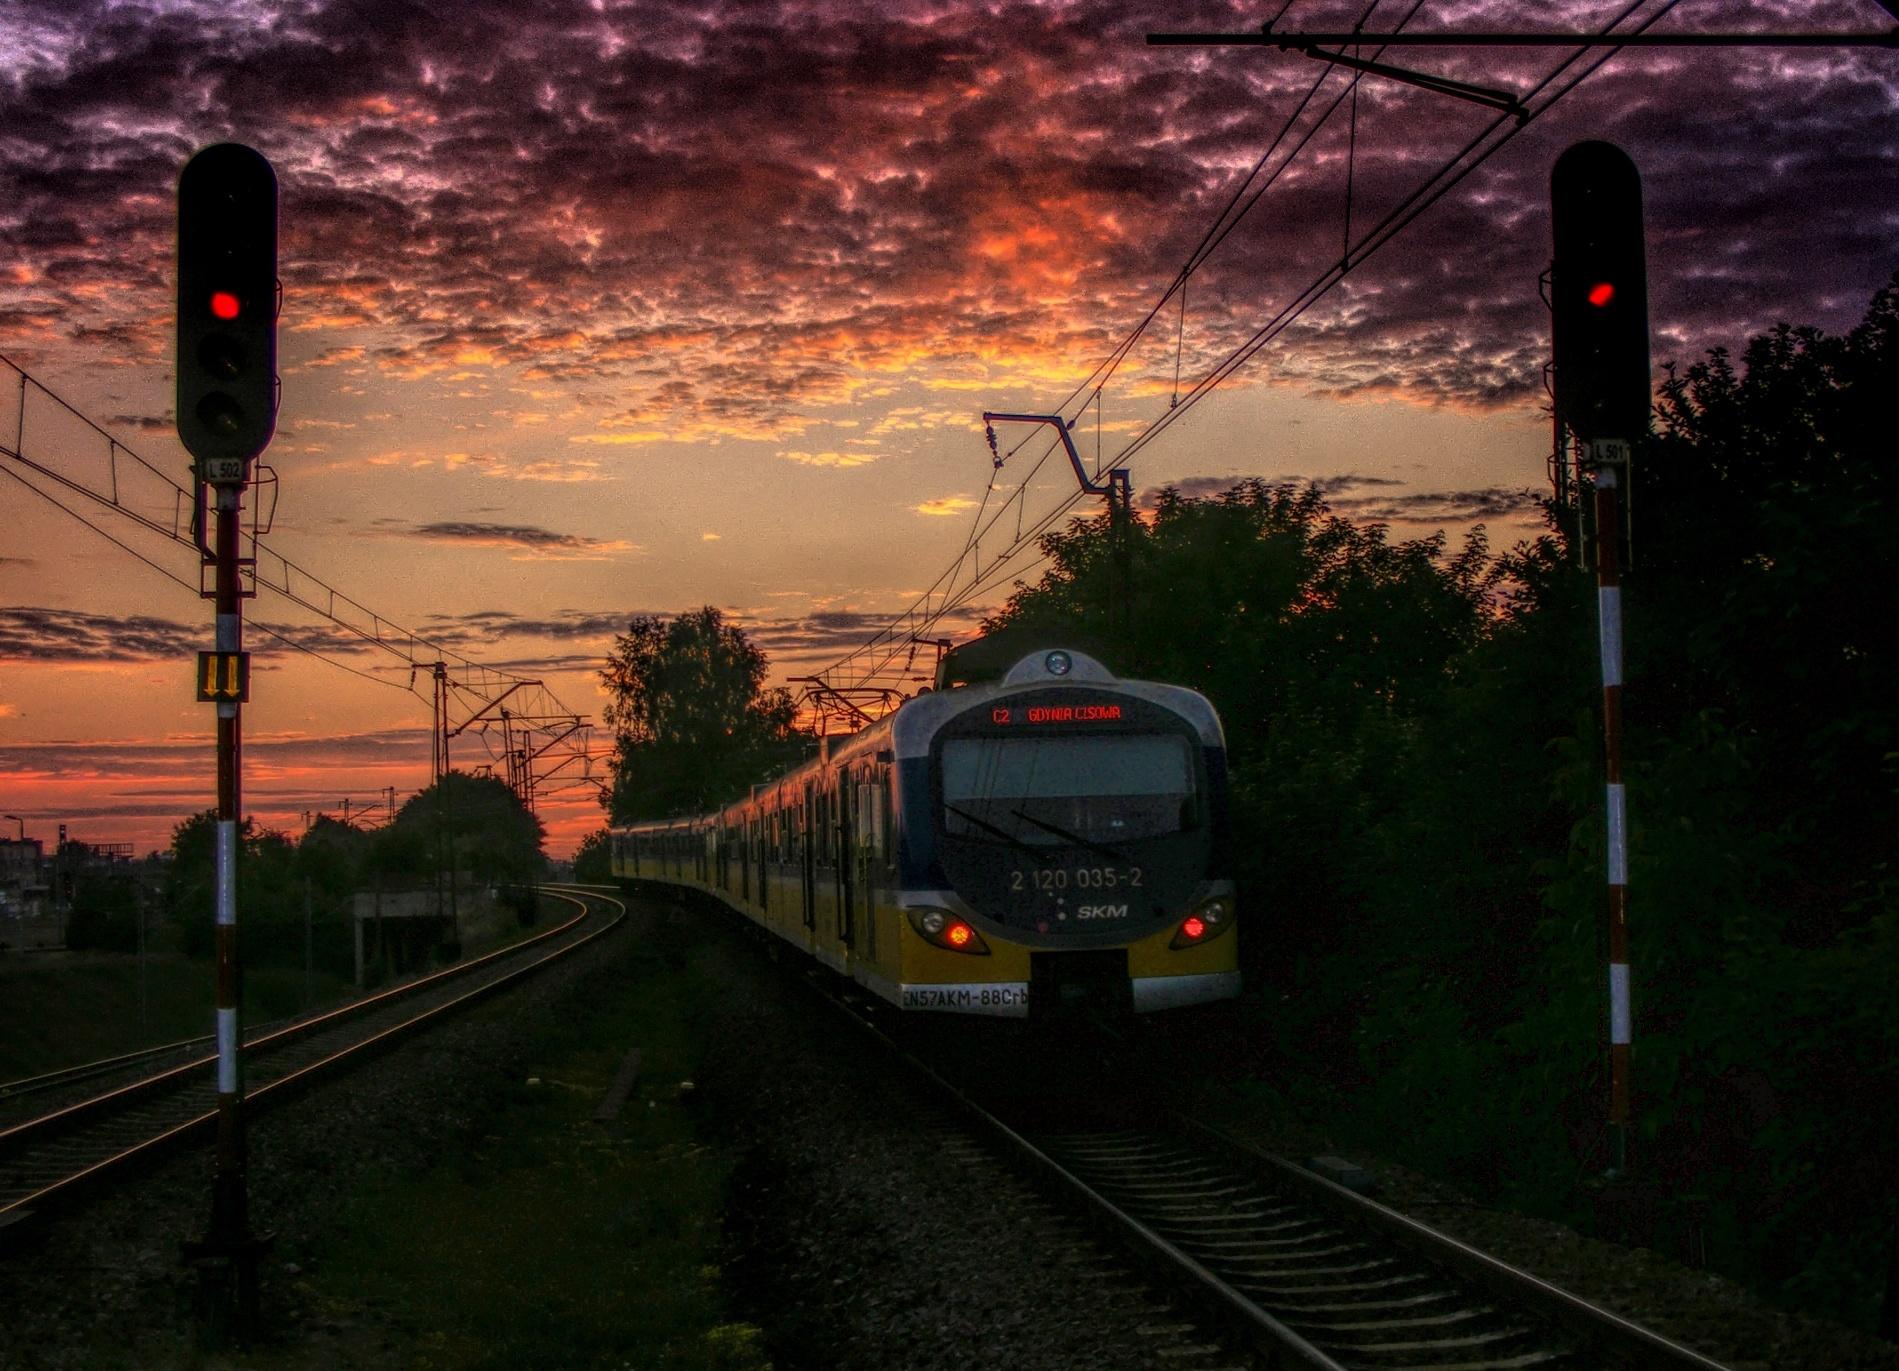 Railway Sunset by Grzegorz Skwarliński